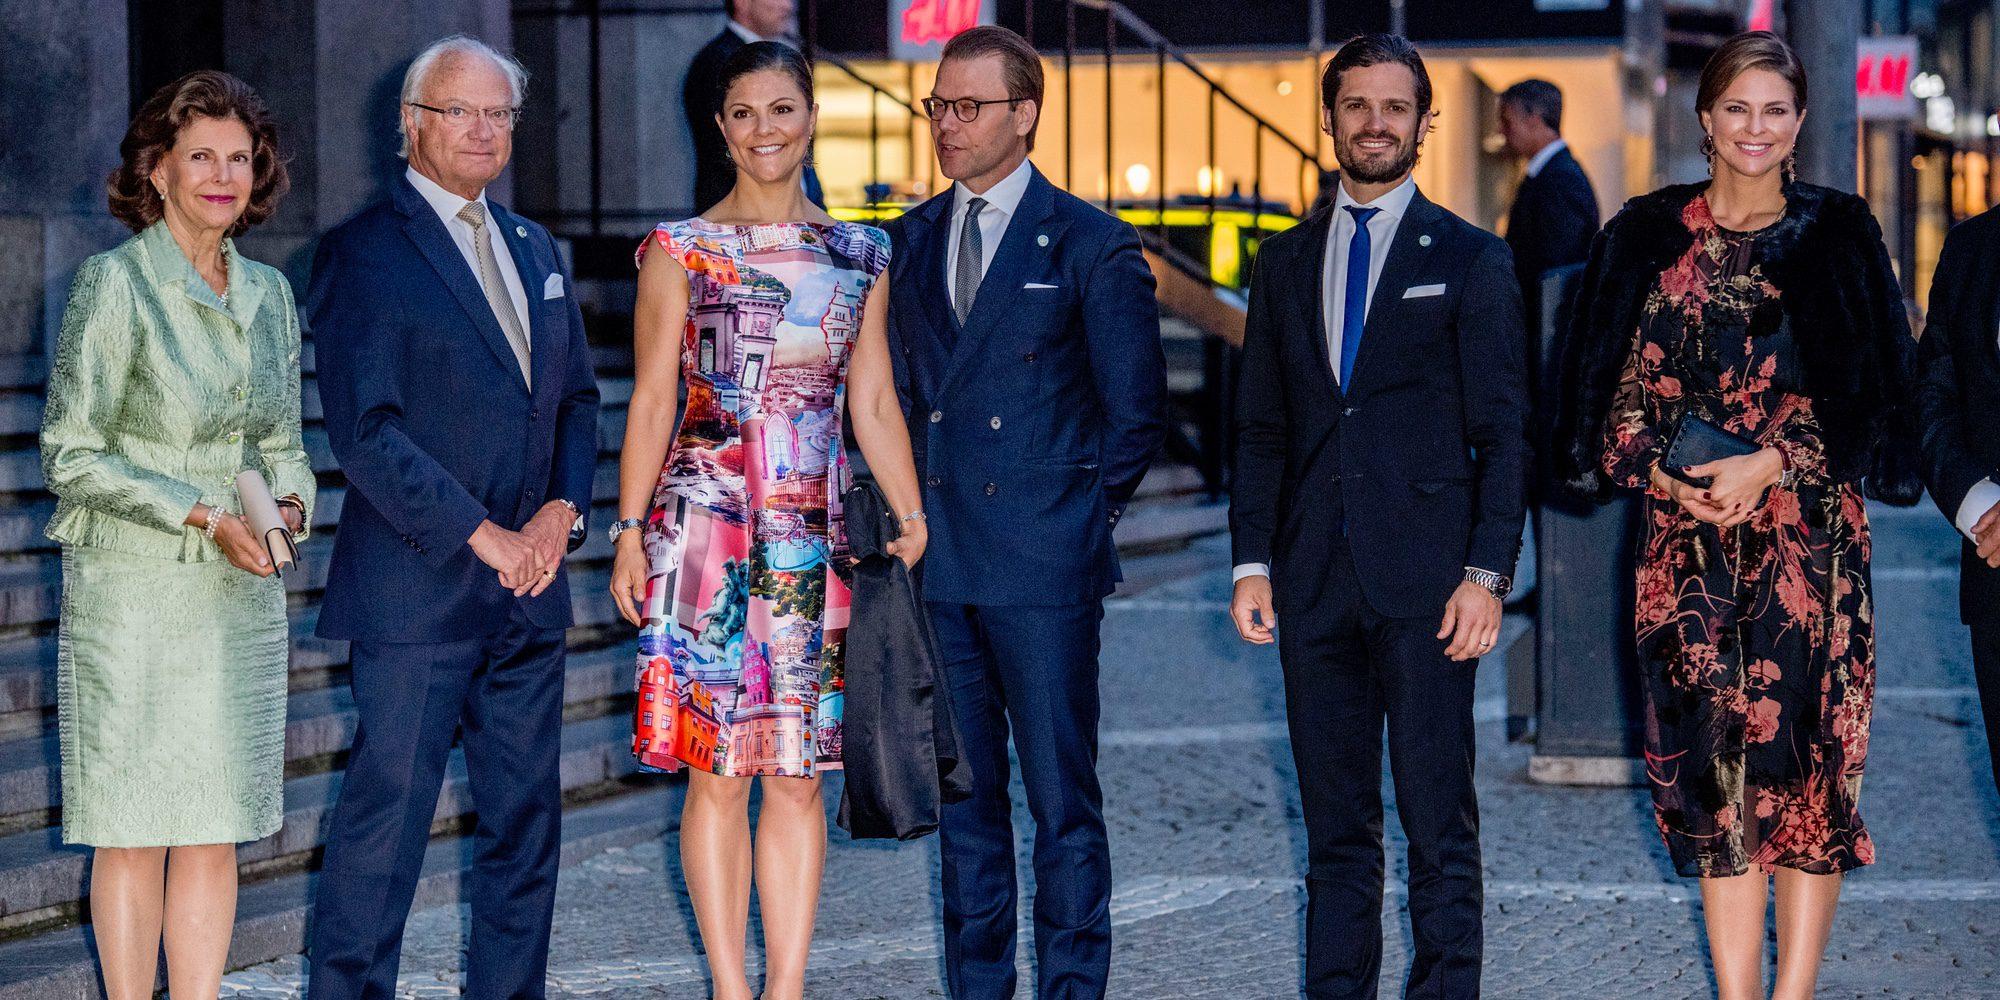 El embarazo de Magdalena de Suecia y la ausencia de Sofia Hellqvist marcan la apertura del Parlamento